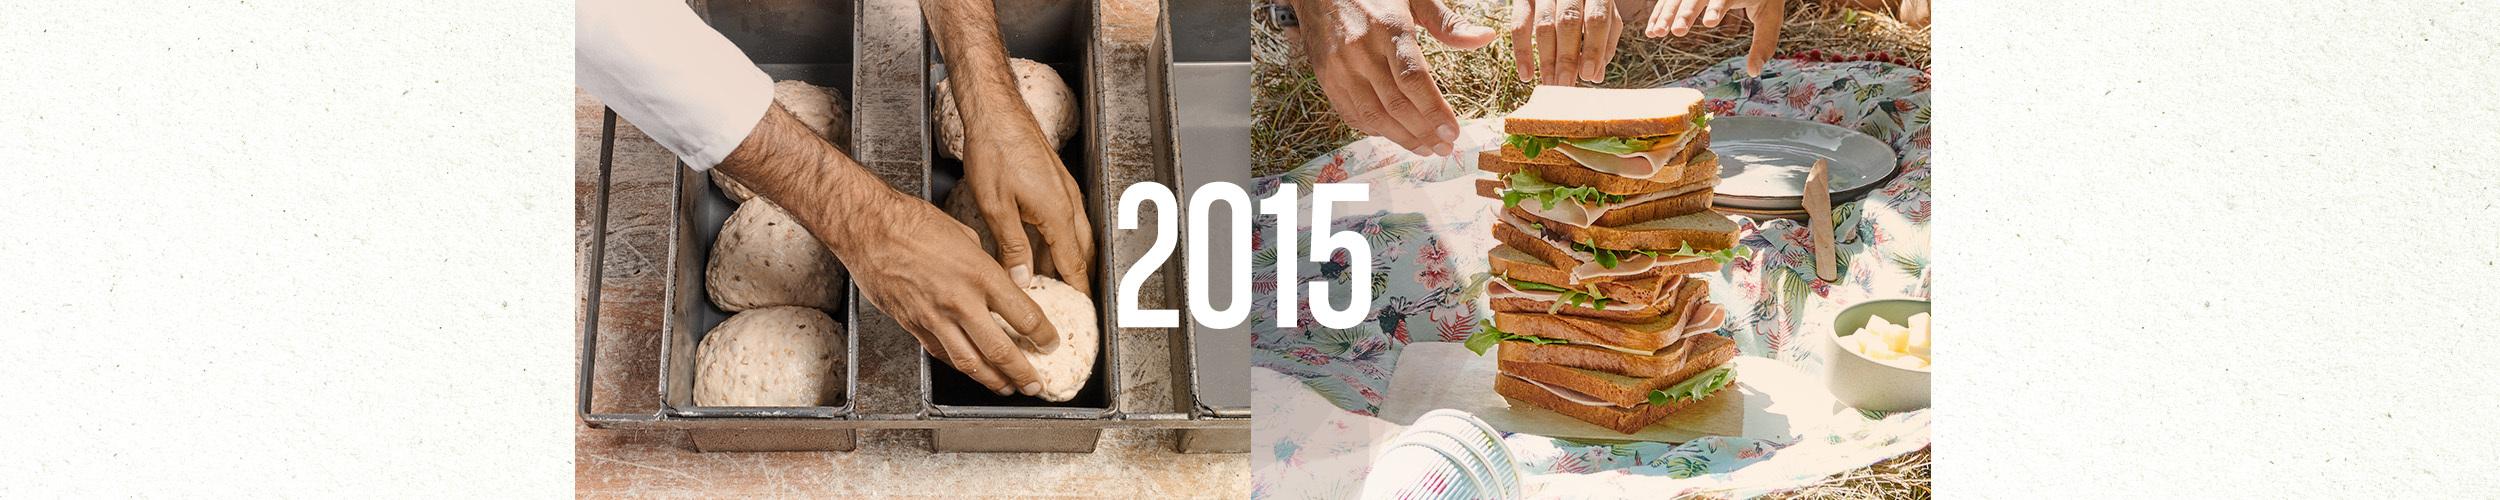 Carrousel Histoire 2015